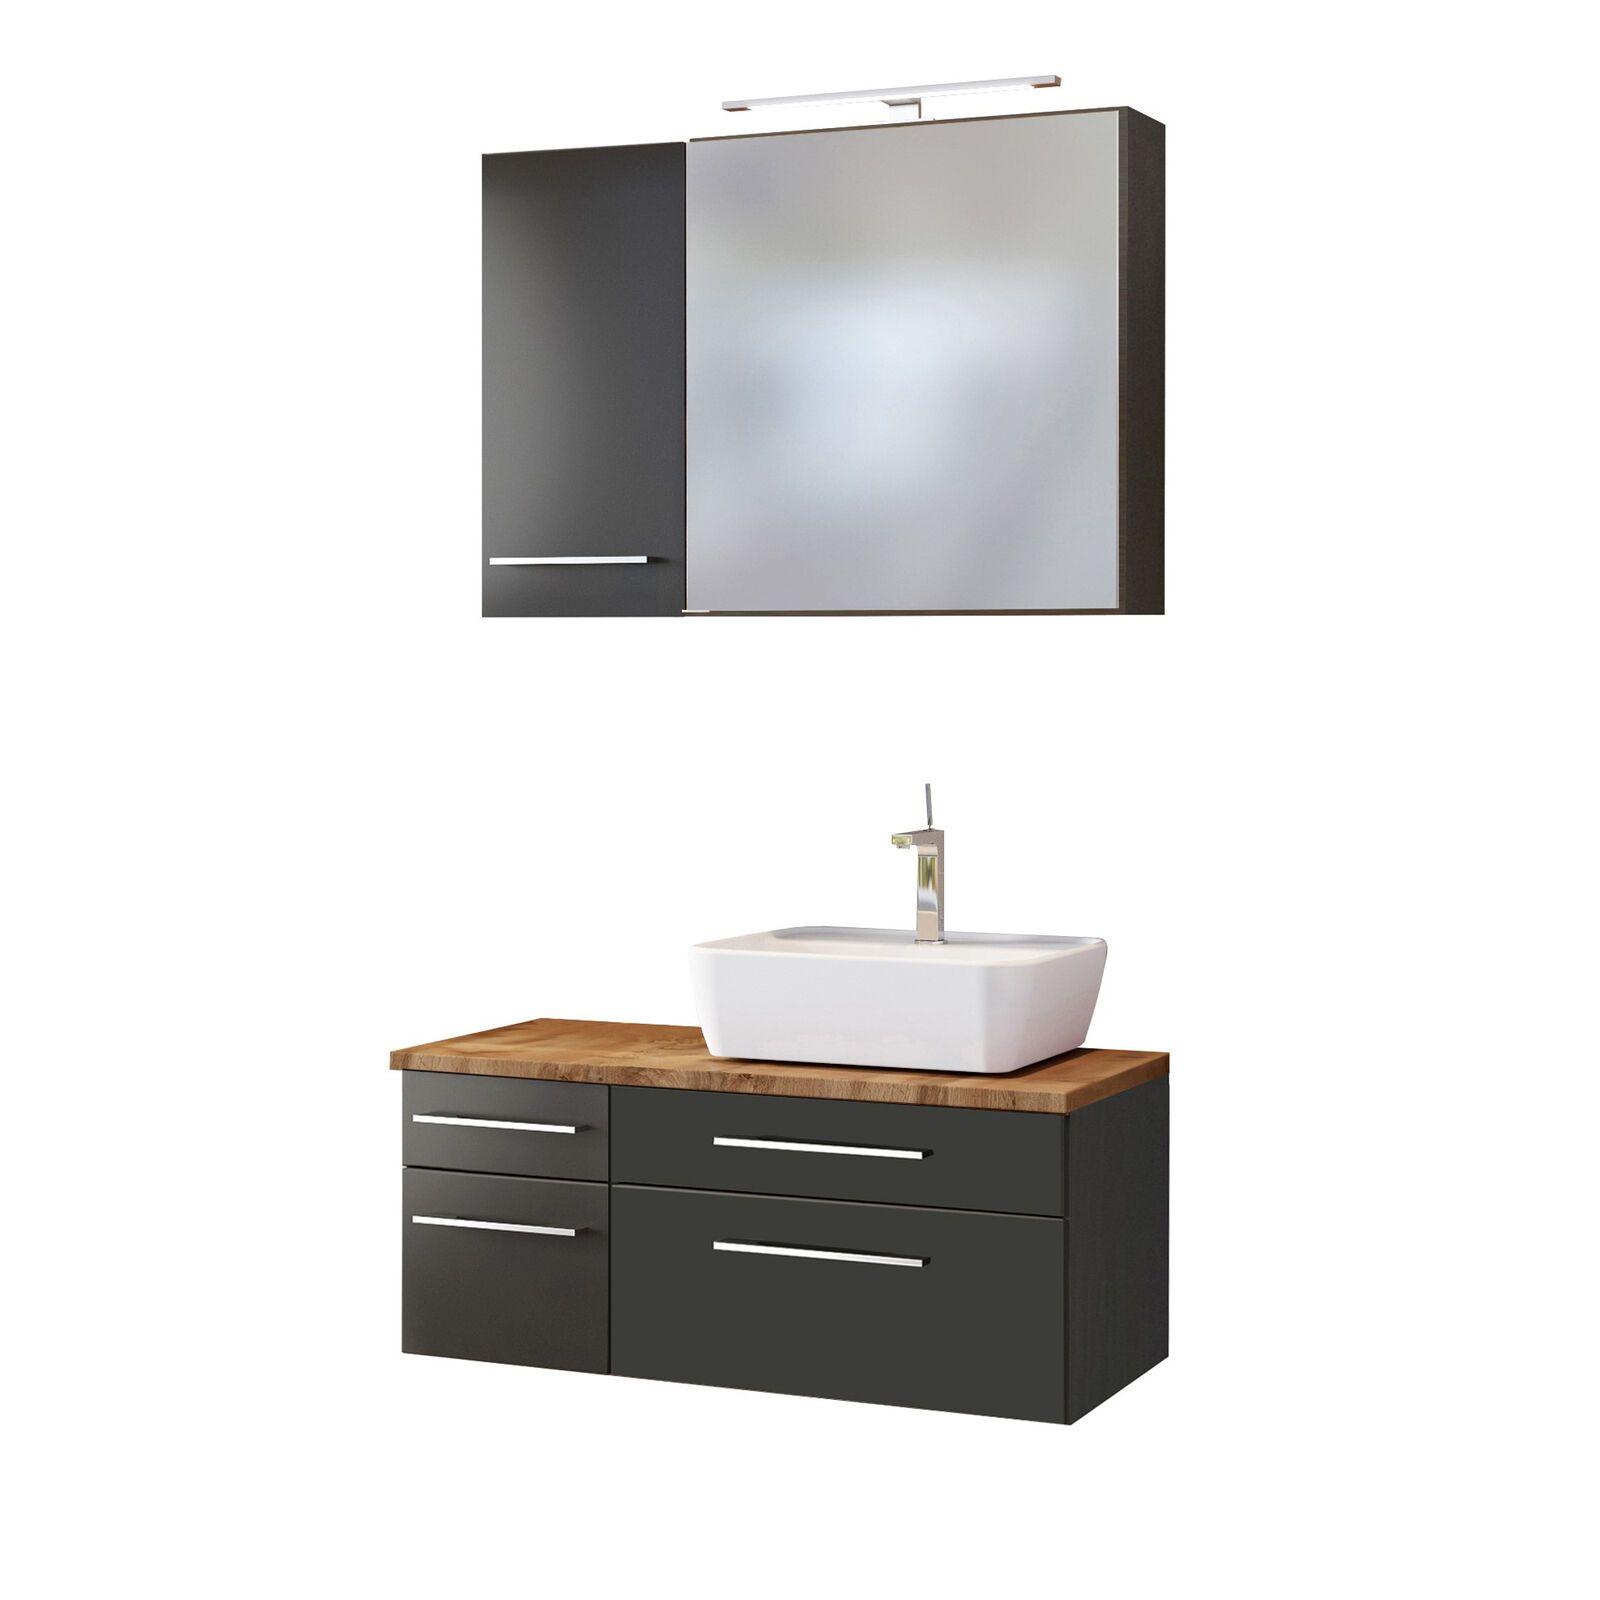 Inspirierende Badezimmerschrank Zum Aufhangen Entwurf Houz Ideen Wadudu Http Houzideenwadudu Blogspot Co In 2020 Badezimmer Mobel Badezimmer Design Ikea Badezimmer